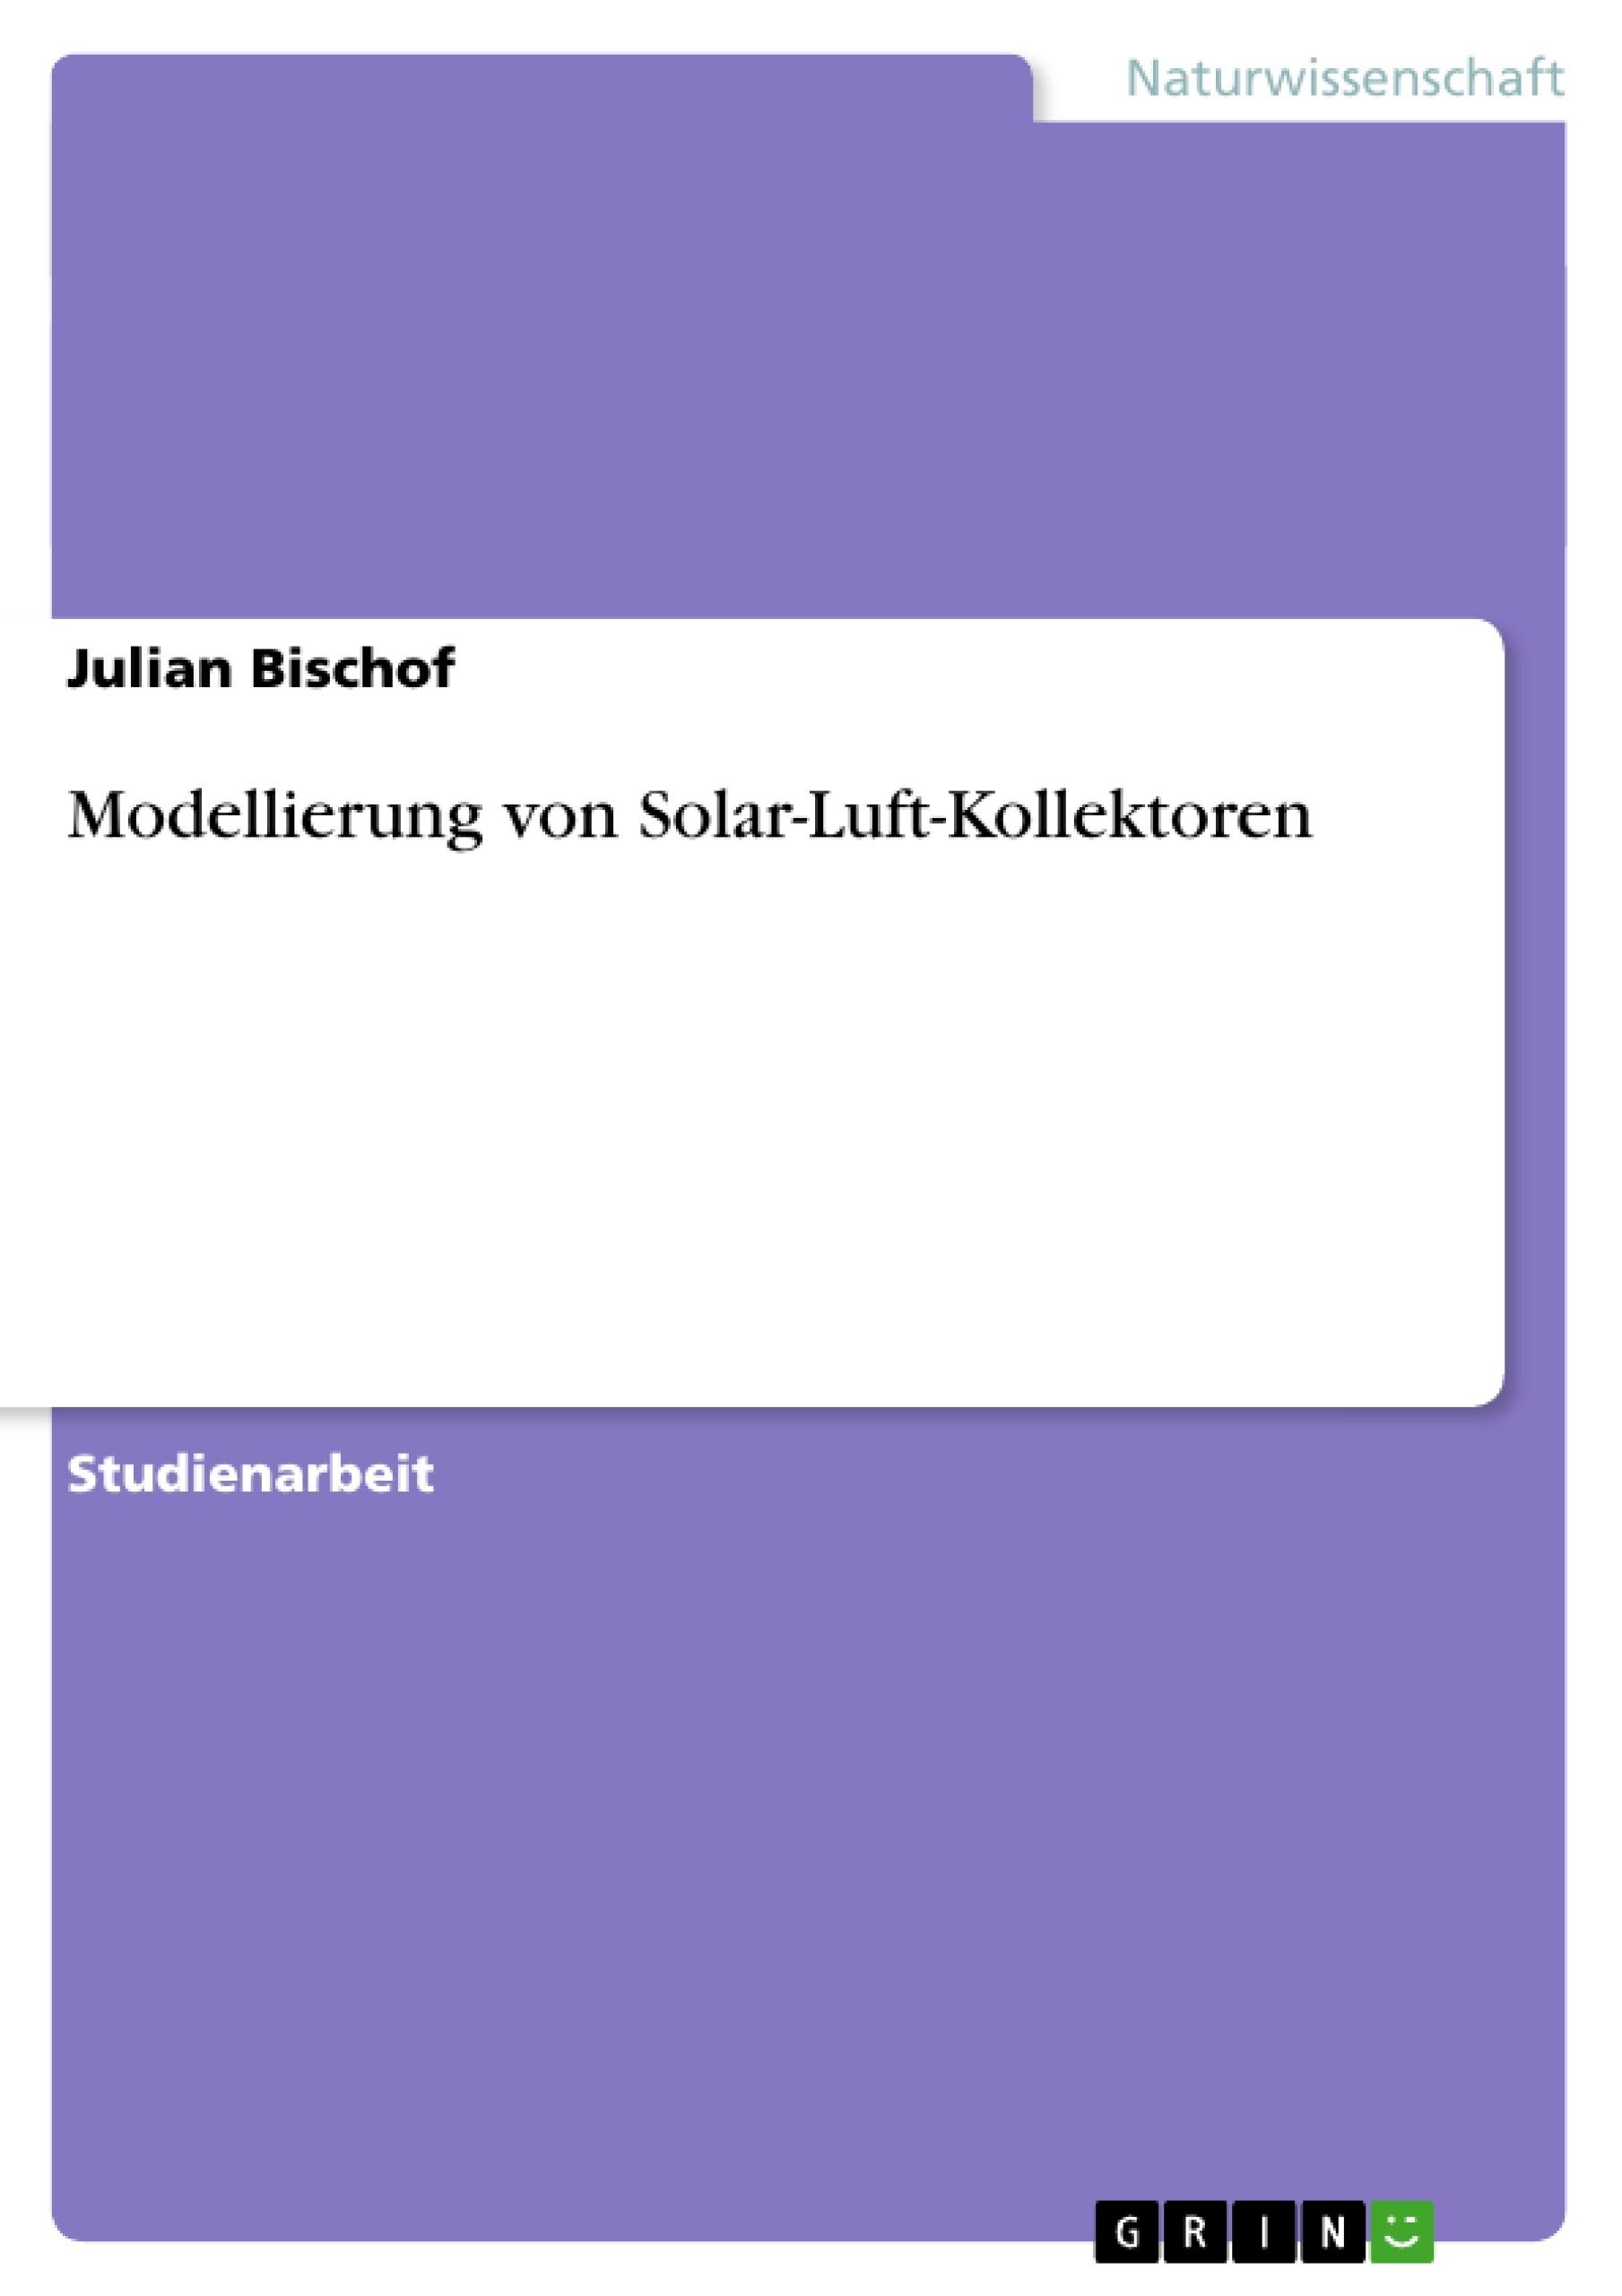 Titel: Modellierung von Solar-Luft-Kollektoren